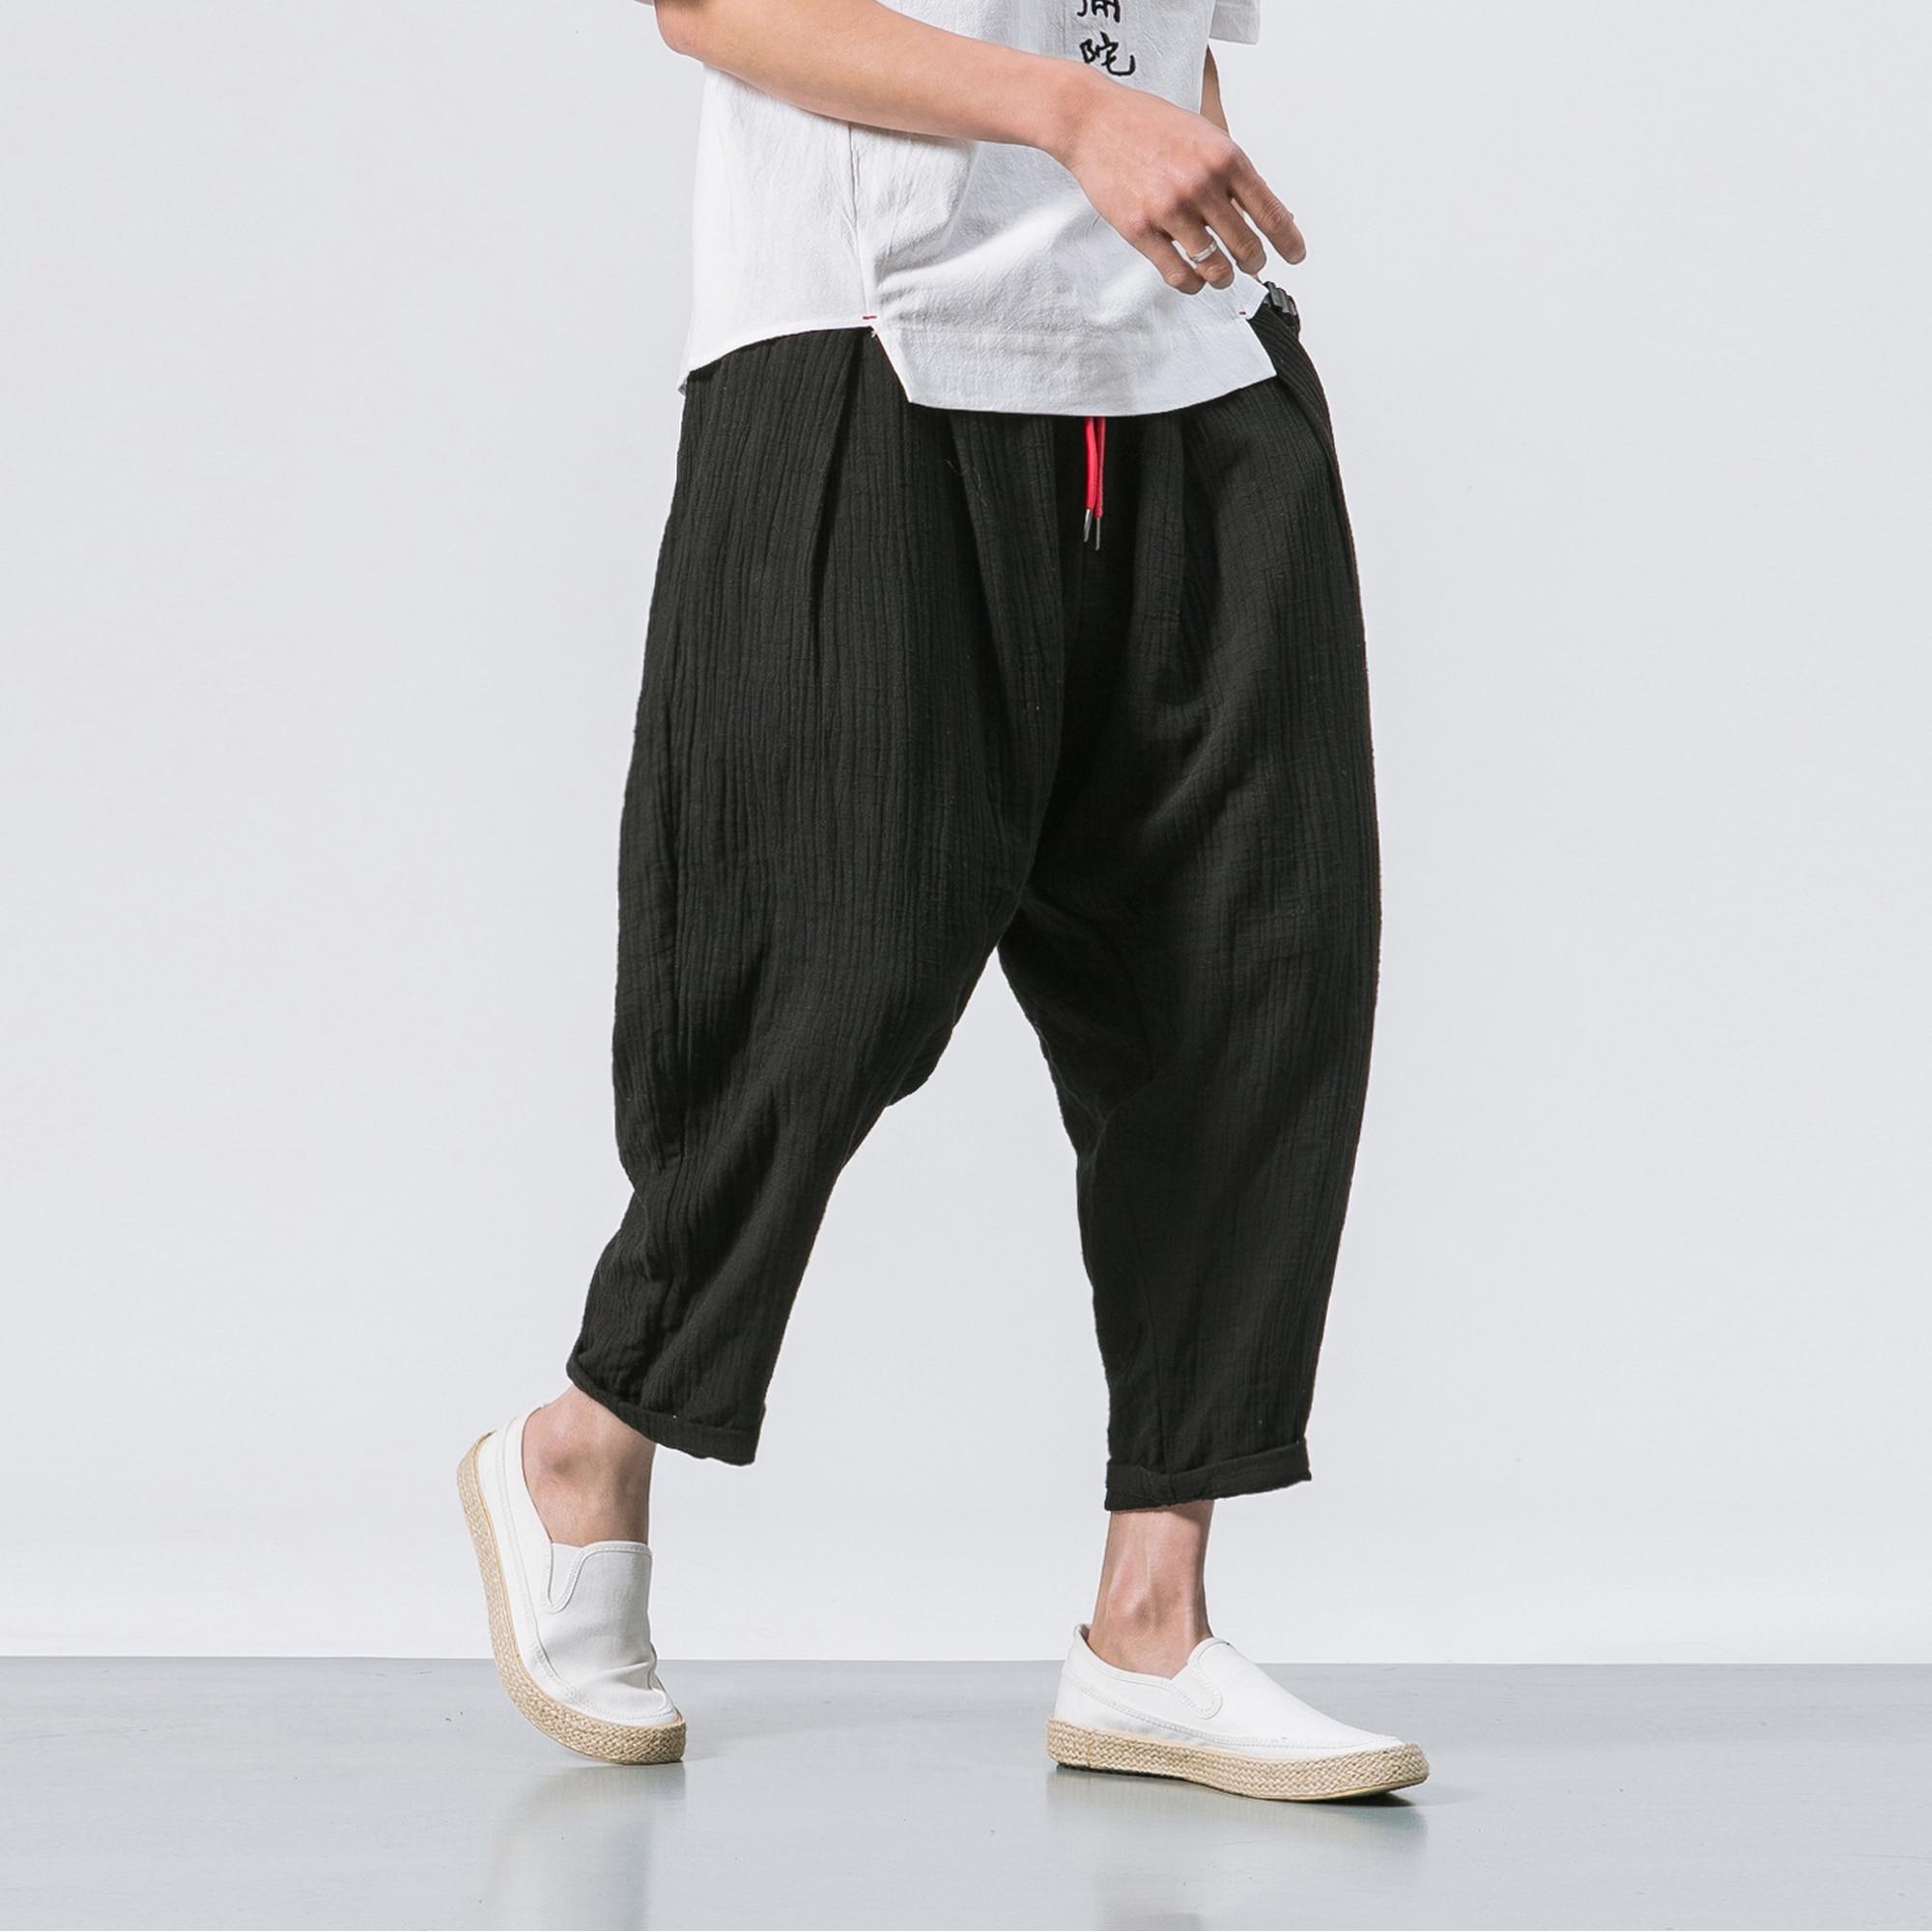 best website 52d4f 80d17 Gli uomini di Estate di Lino Cotone Sciolto Casual Pantaloni stile harem  Moda Maschile Allentato Croce Pantaloni Più I Pantaloni di Formato M-5XL ...